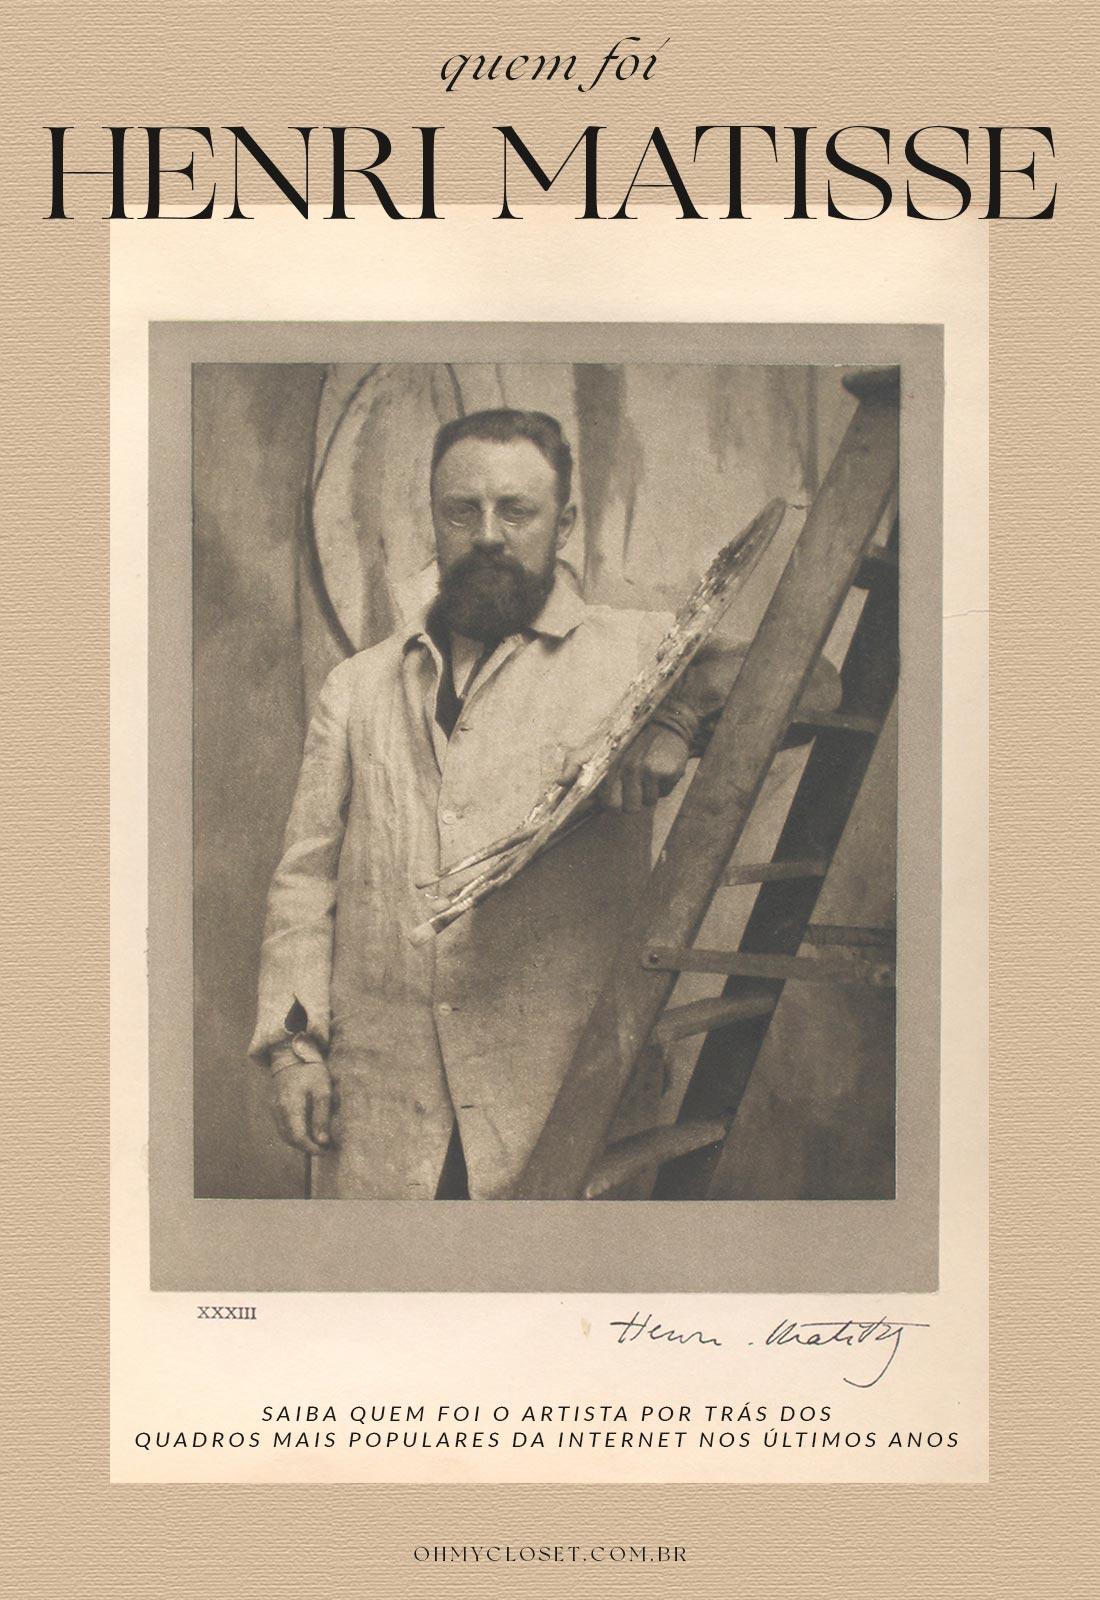 Quem foi Henri Matisse, Biografia, Estilo, Escola Artística e Obras.